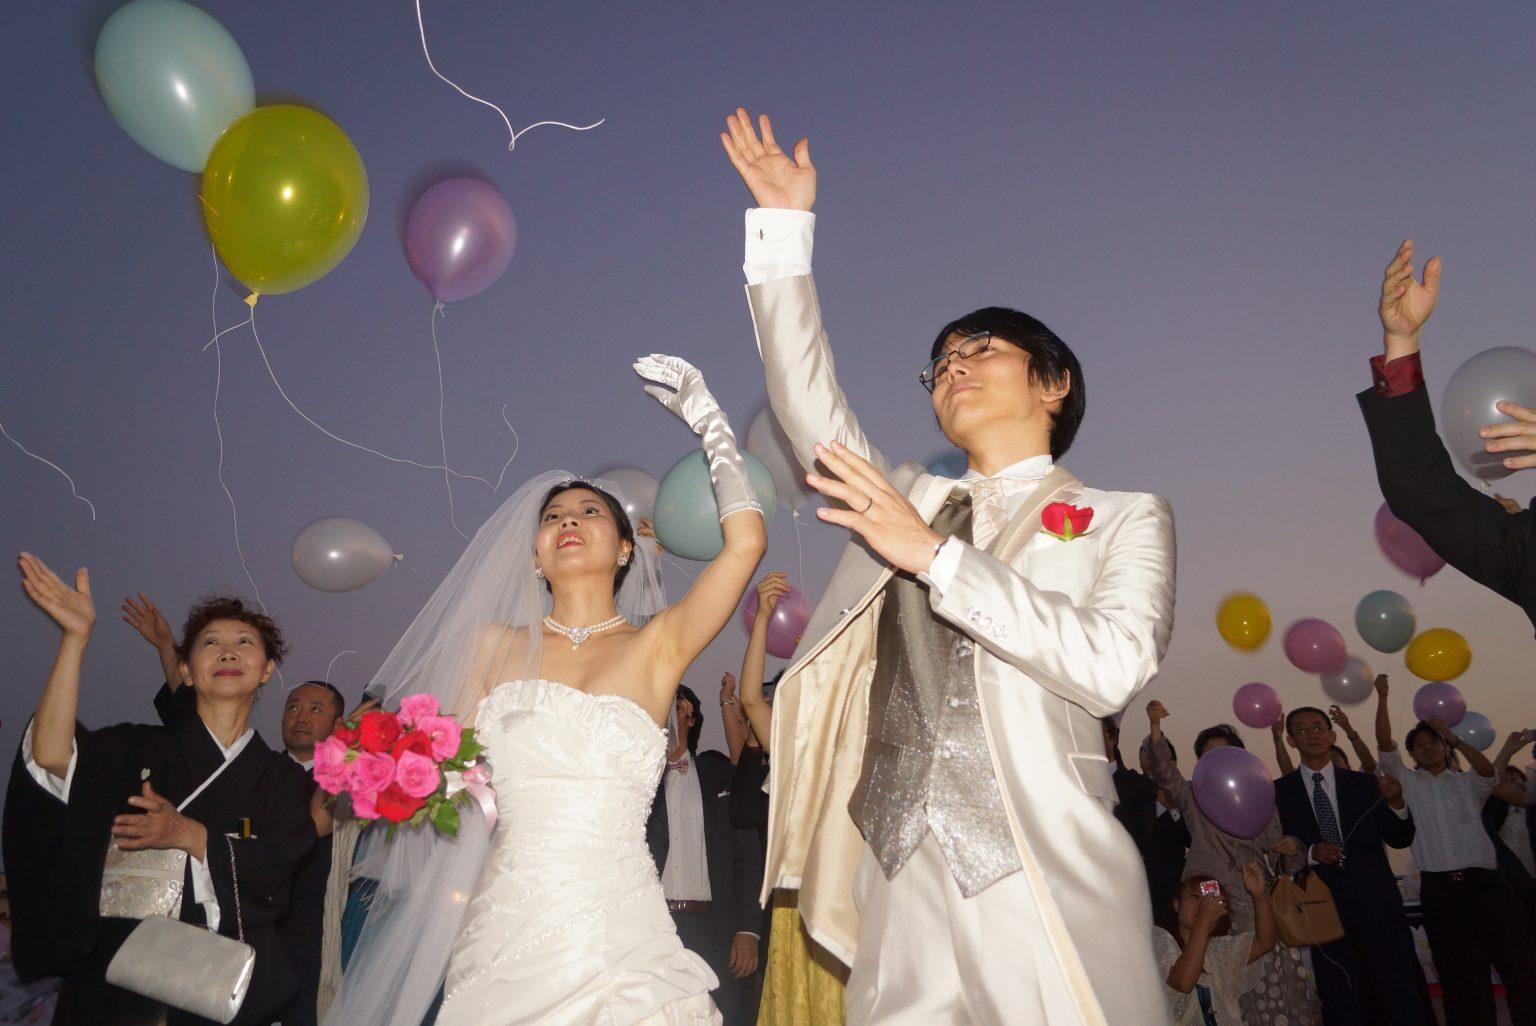 バルーンリリース 結婚式クルージング